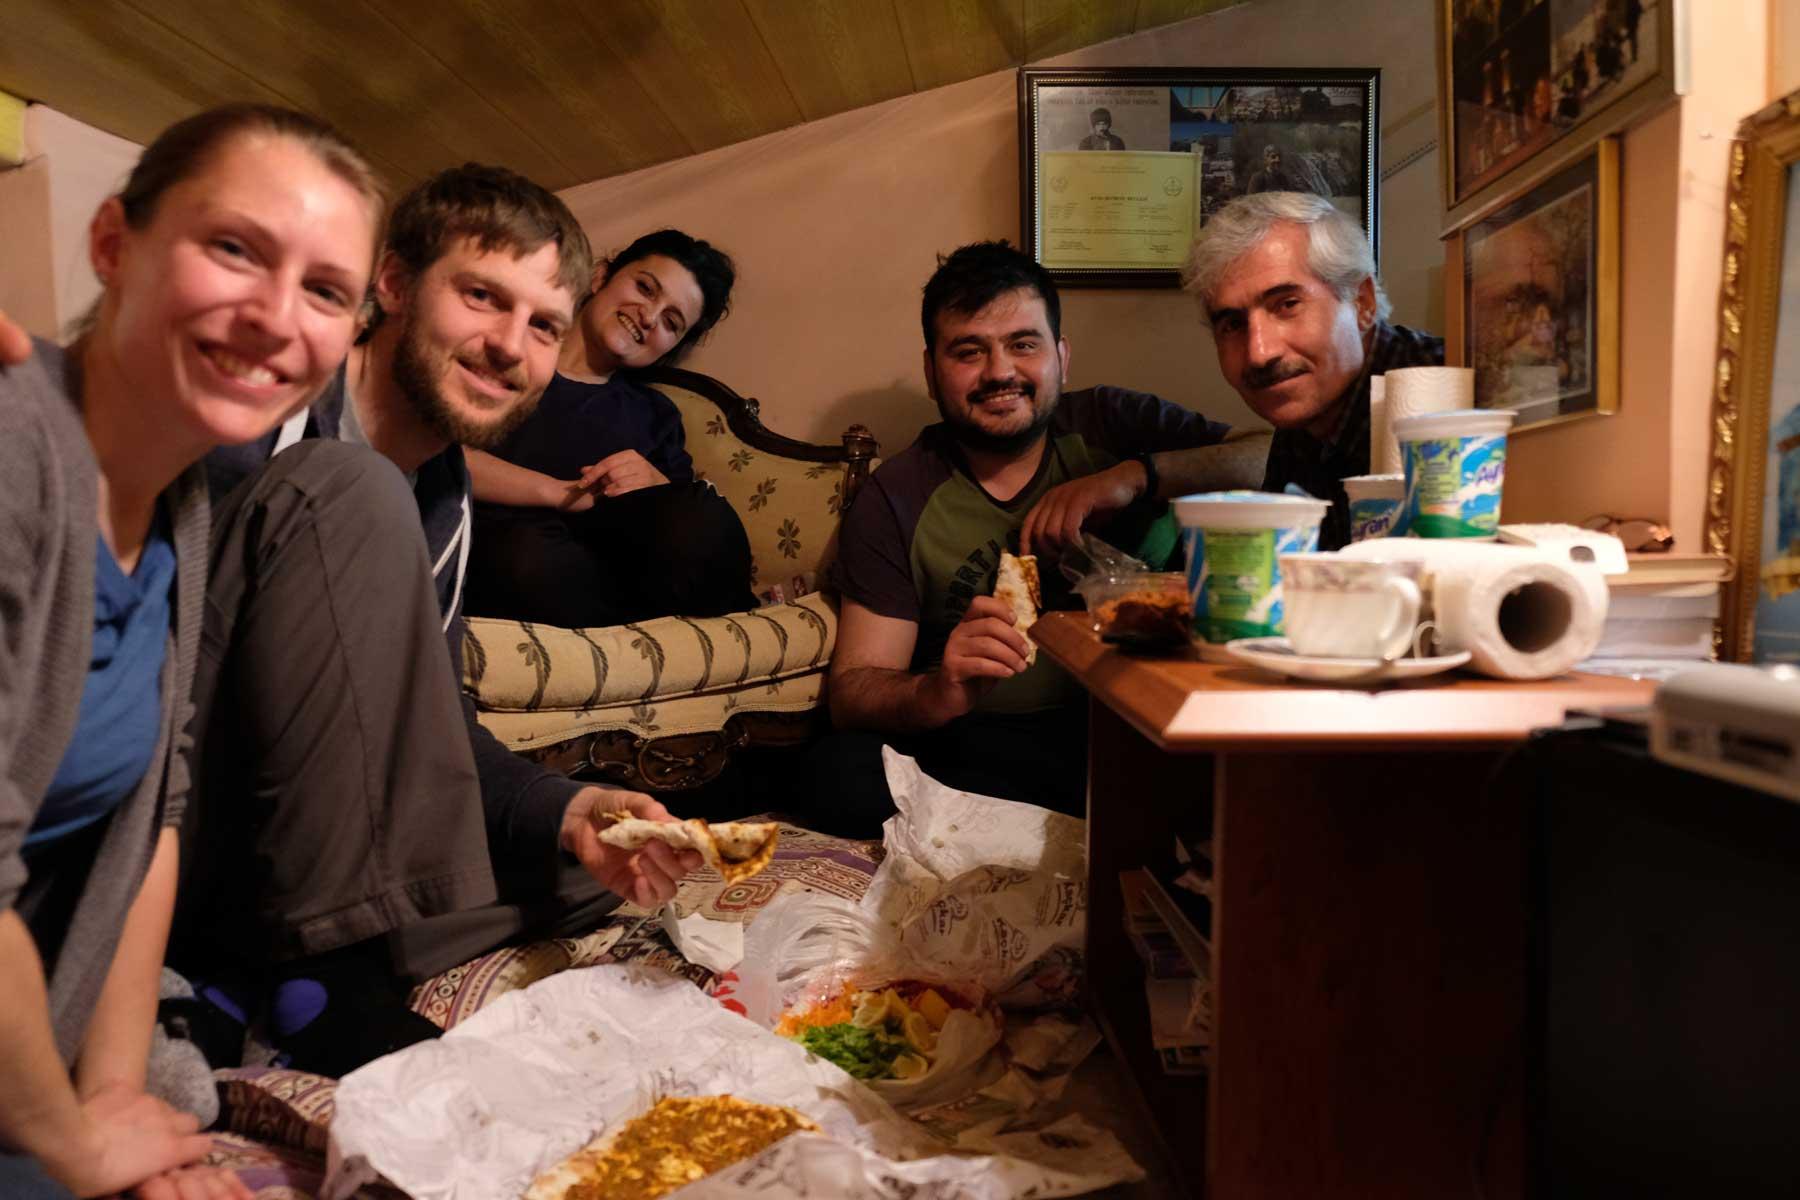 Bienvenue en Erzurum! Unser Abendessen mit (v.r.) Fesih, Refik und der namenlosen Studentin.